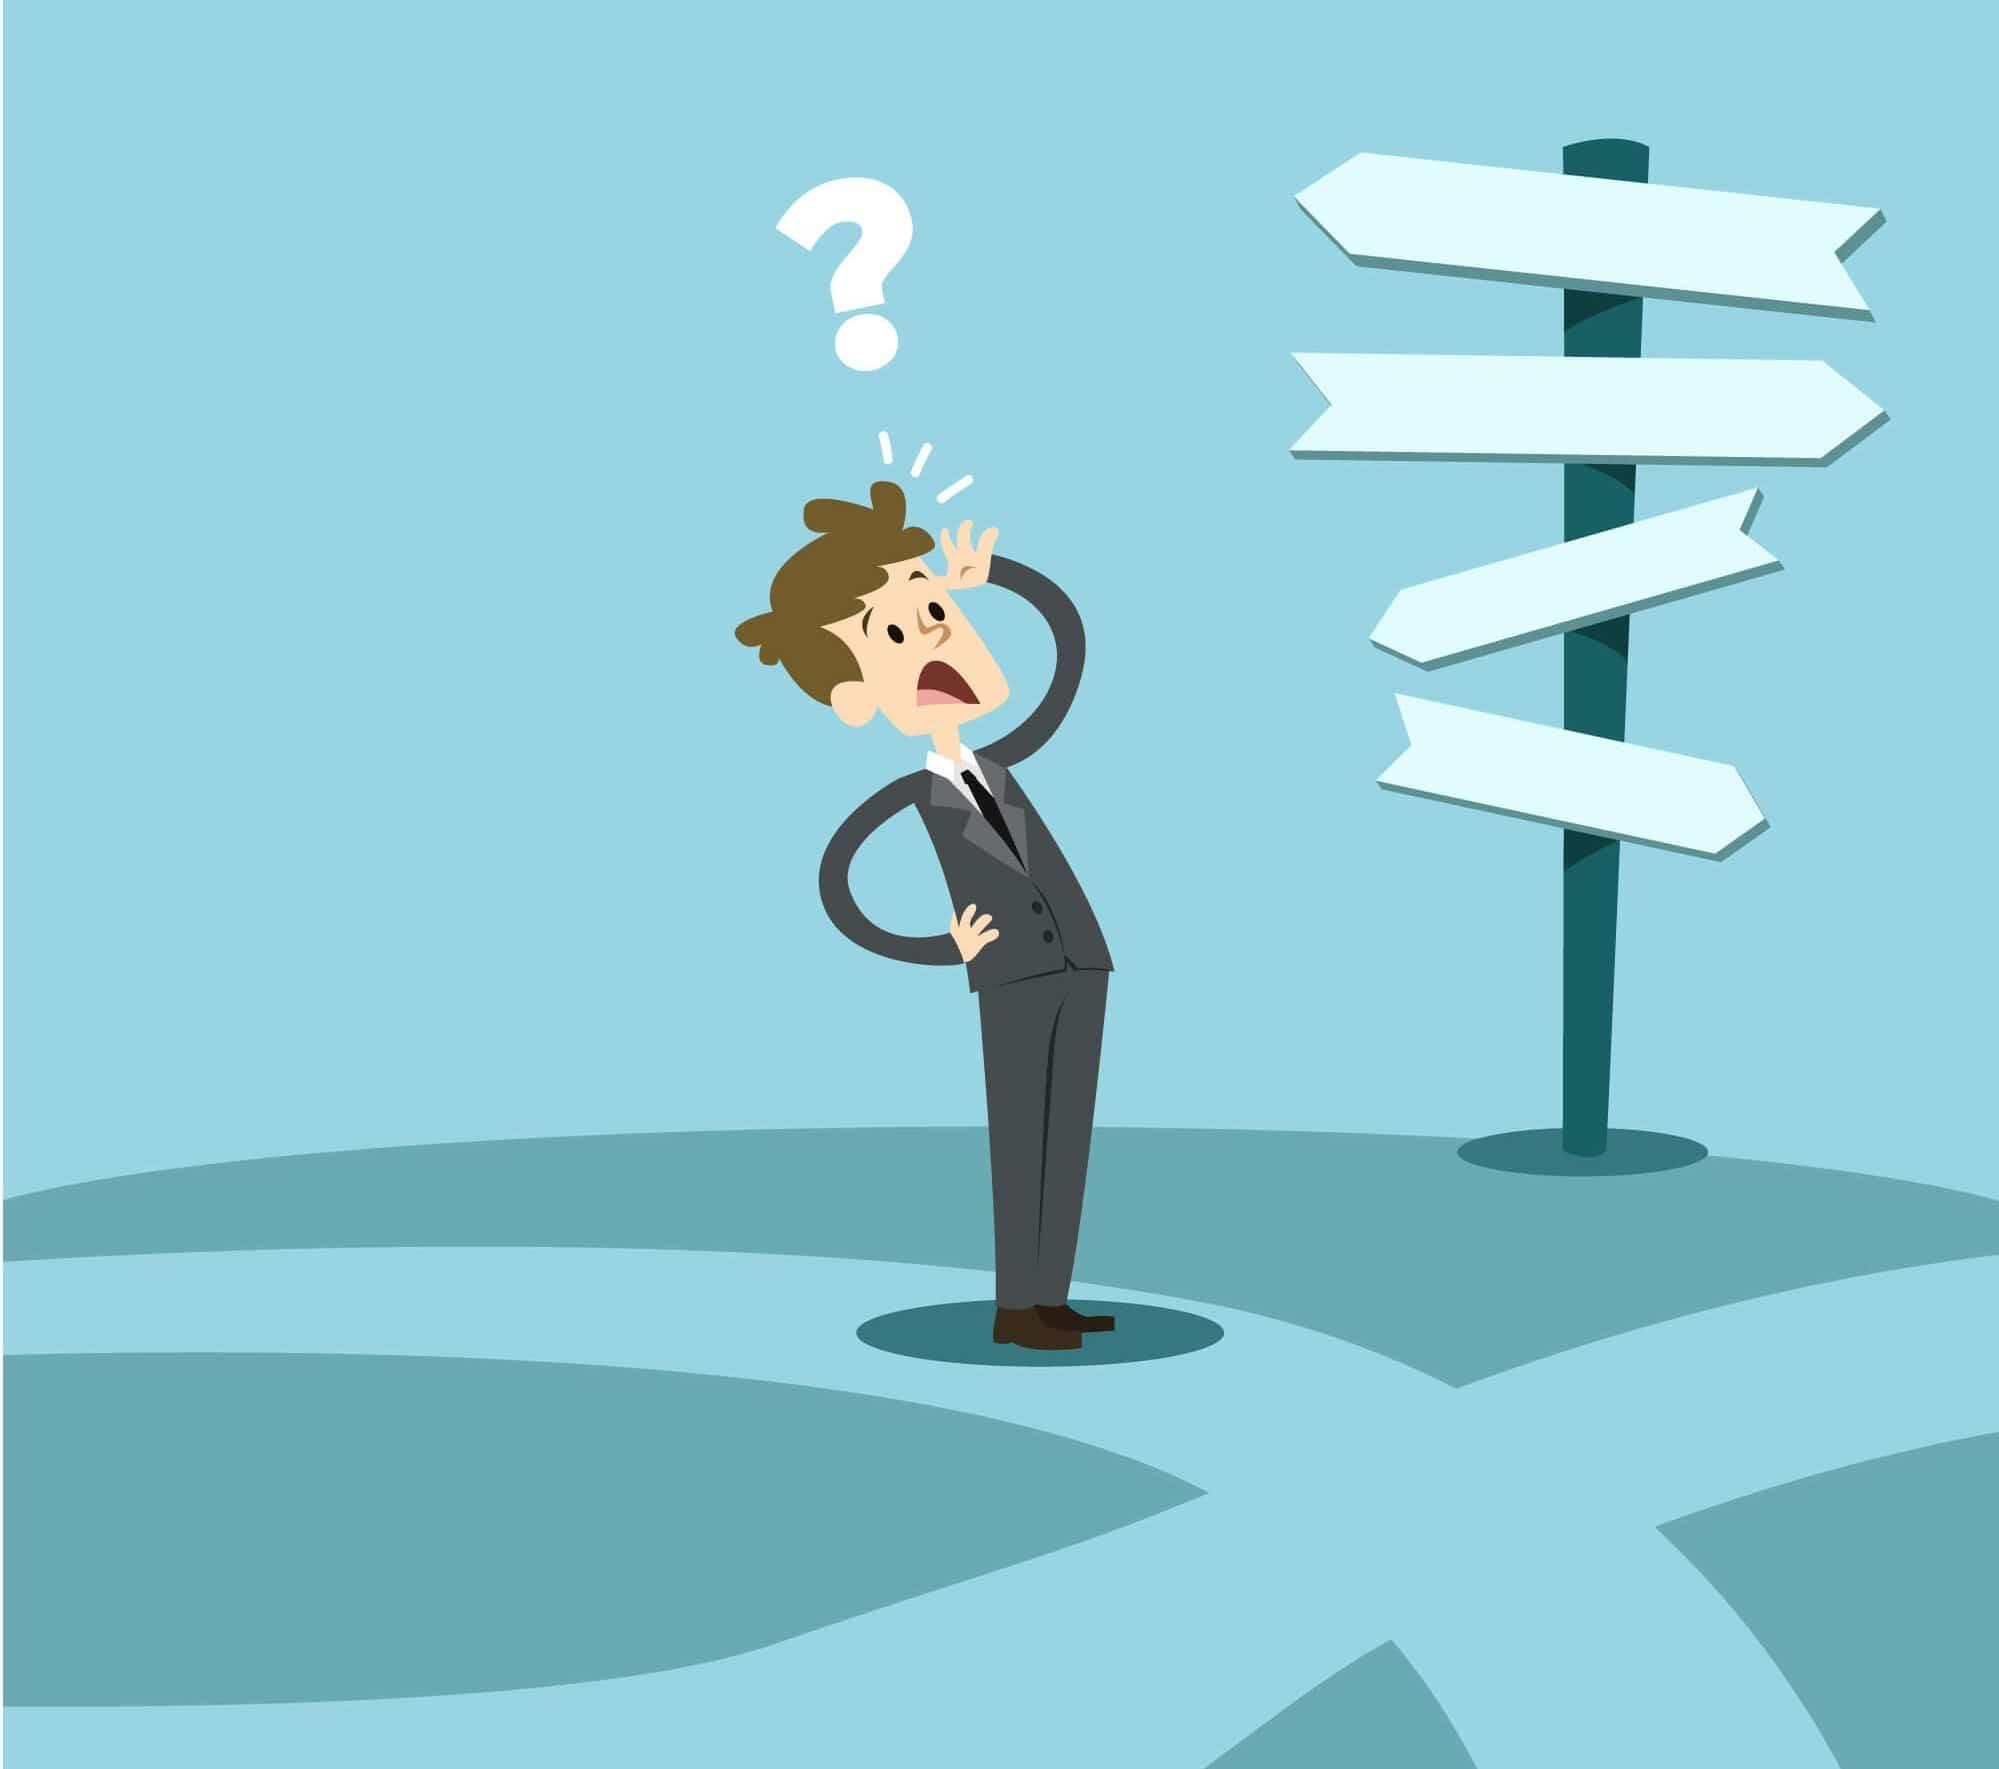 Logiciels Hôteliers: savoir étudier les prix proposés pour bien choisir avant de s'engager.